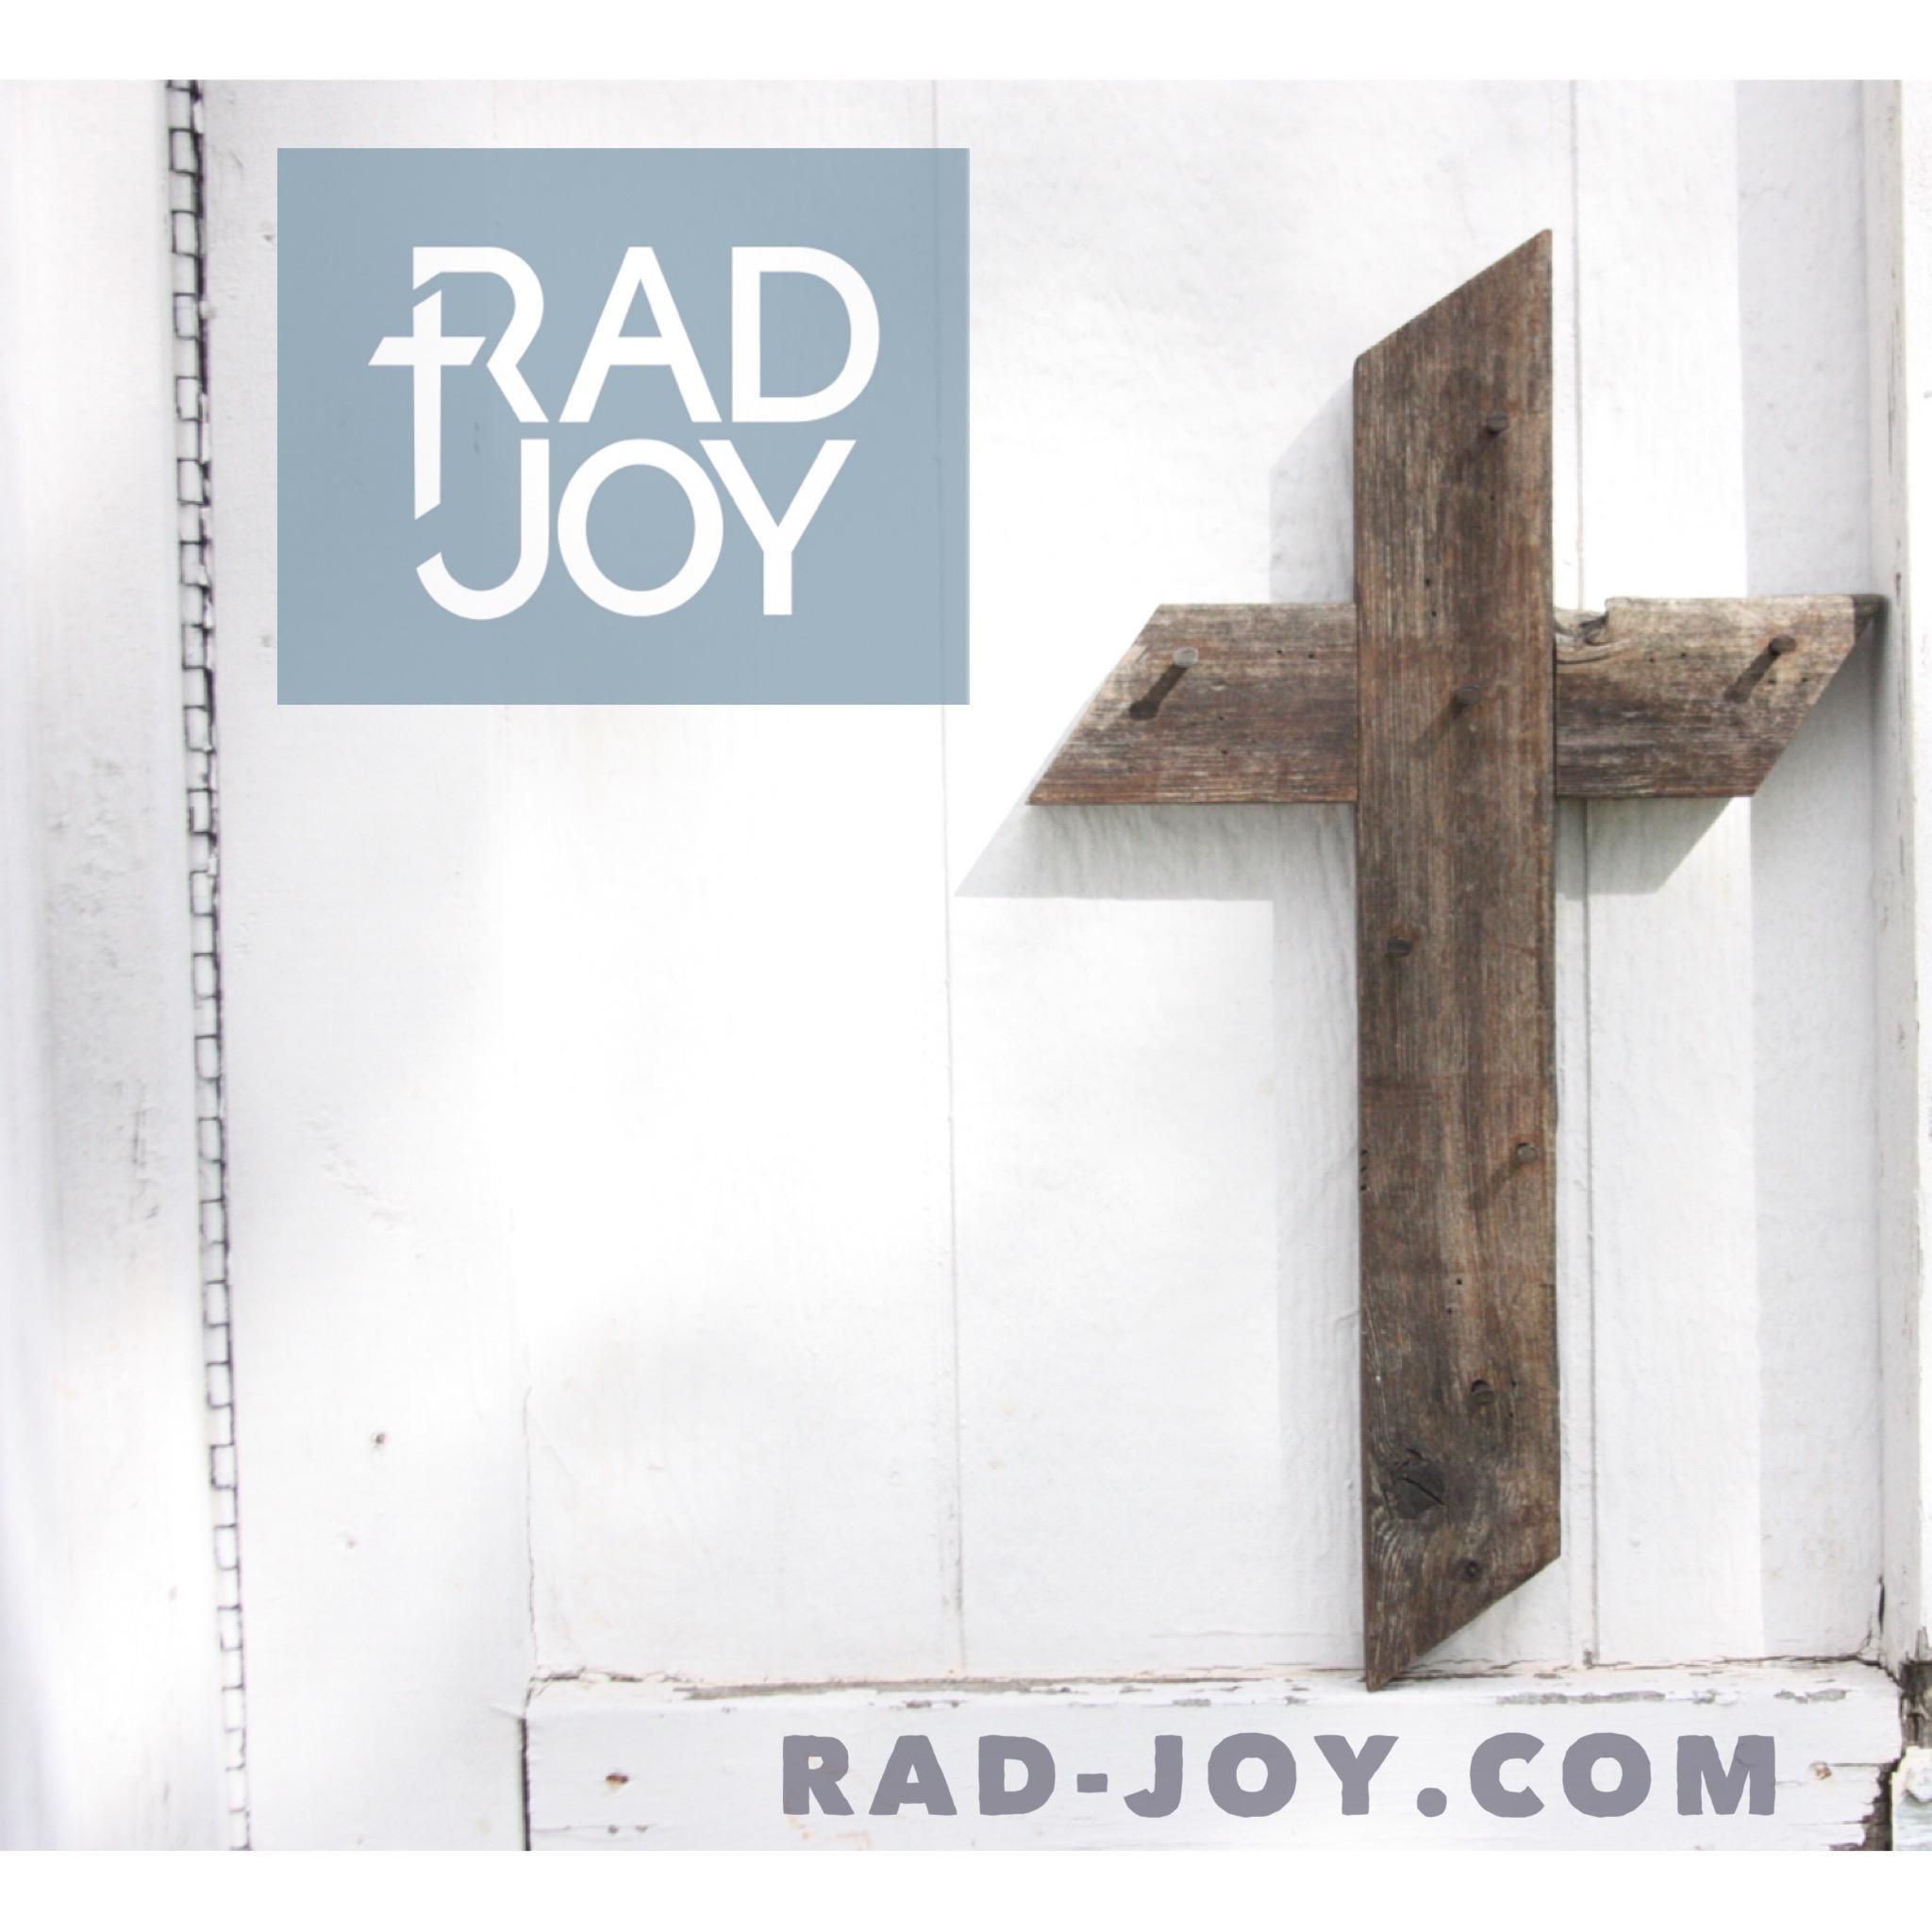 Rad Joy